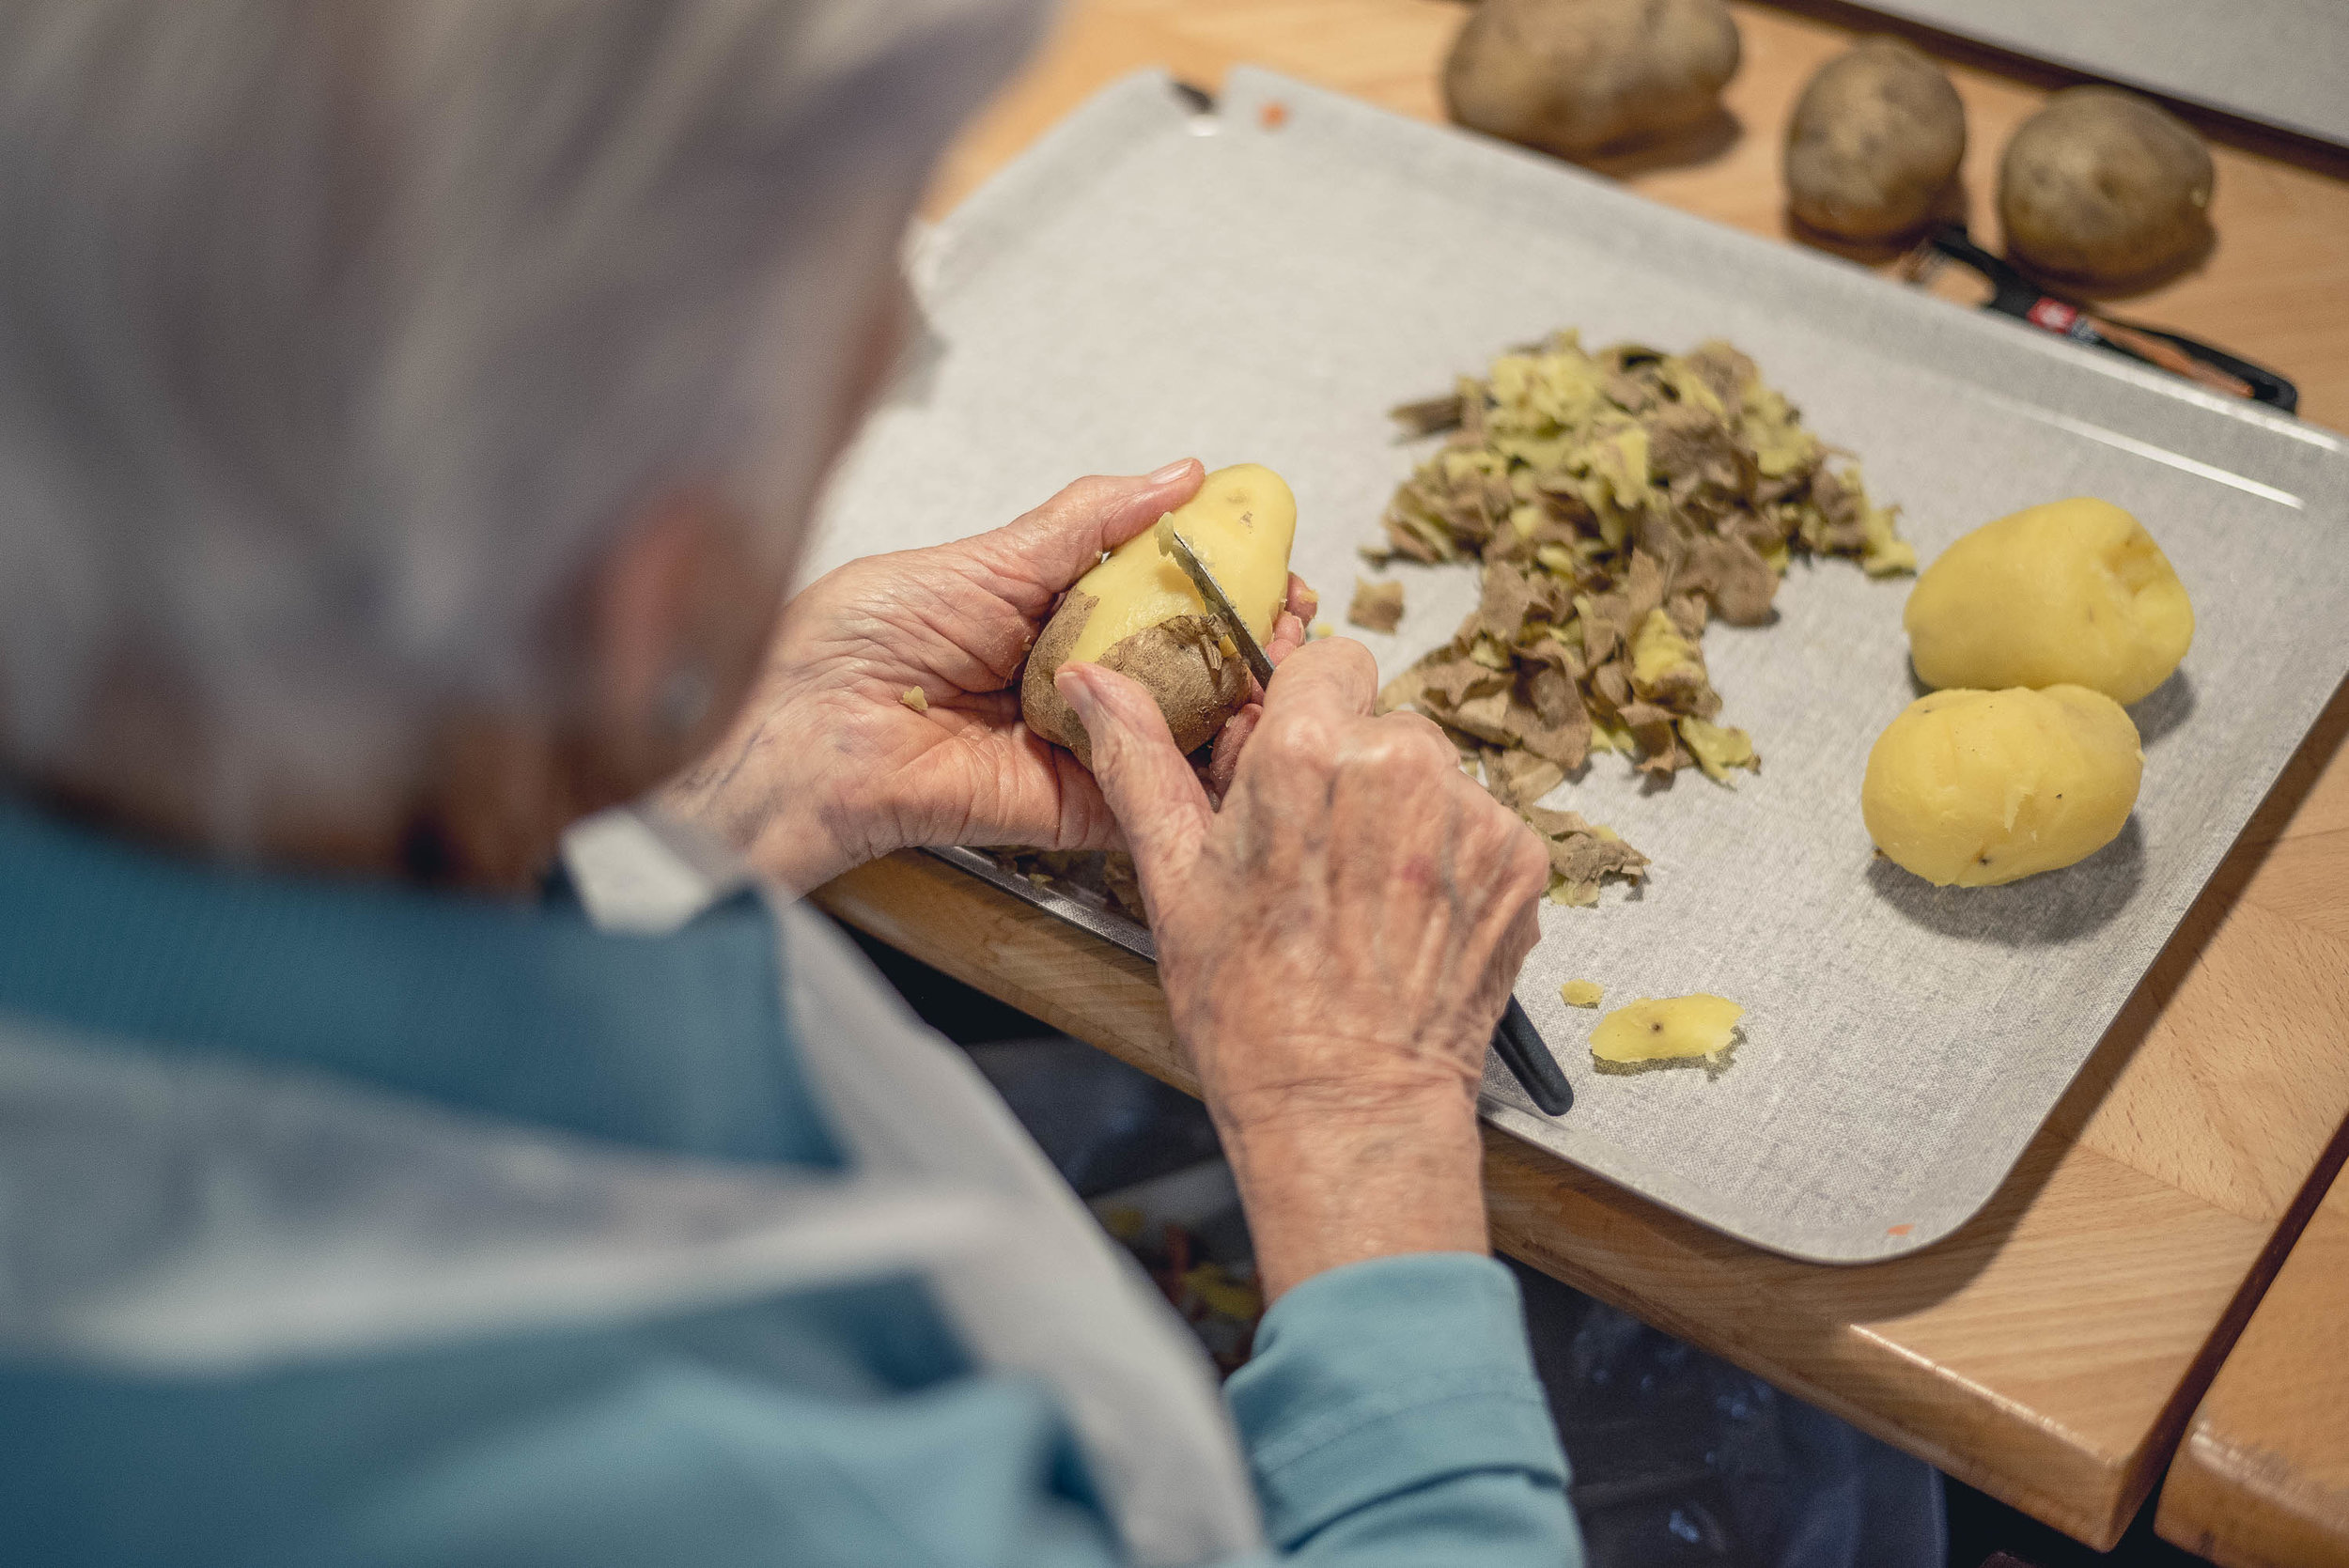 Essen - In unserer Küche wird jede Mahlzeit frisch zubereitet, wenn immer möglich mit regionalen und saisonalen Zutaten. Das ist nicht nur bekömmlich, sondern auch abwechslungsreich. Weiter